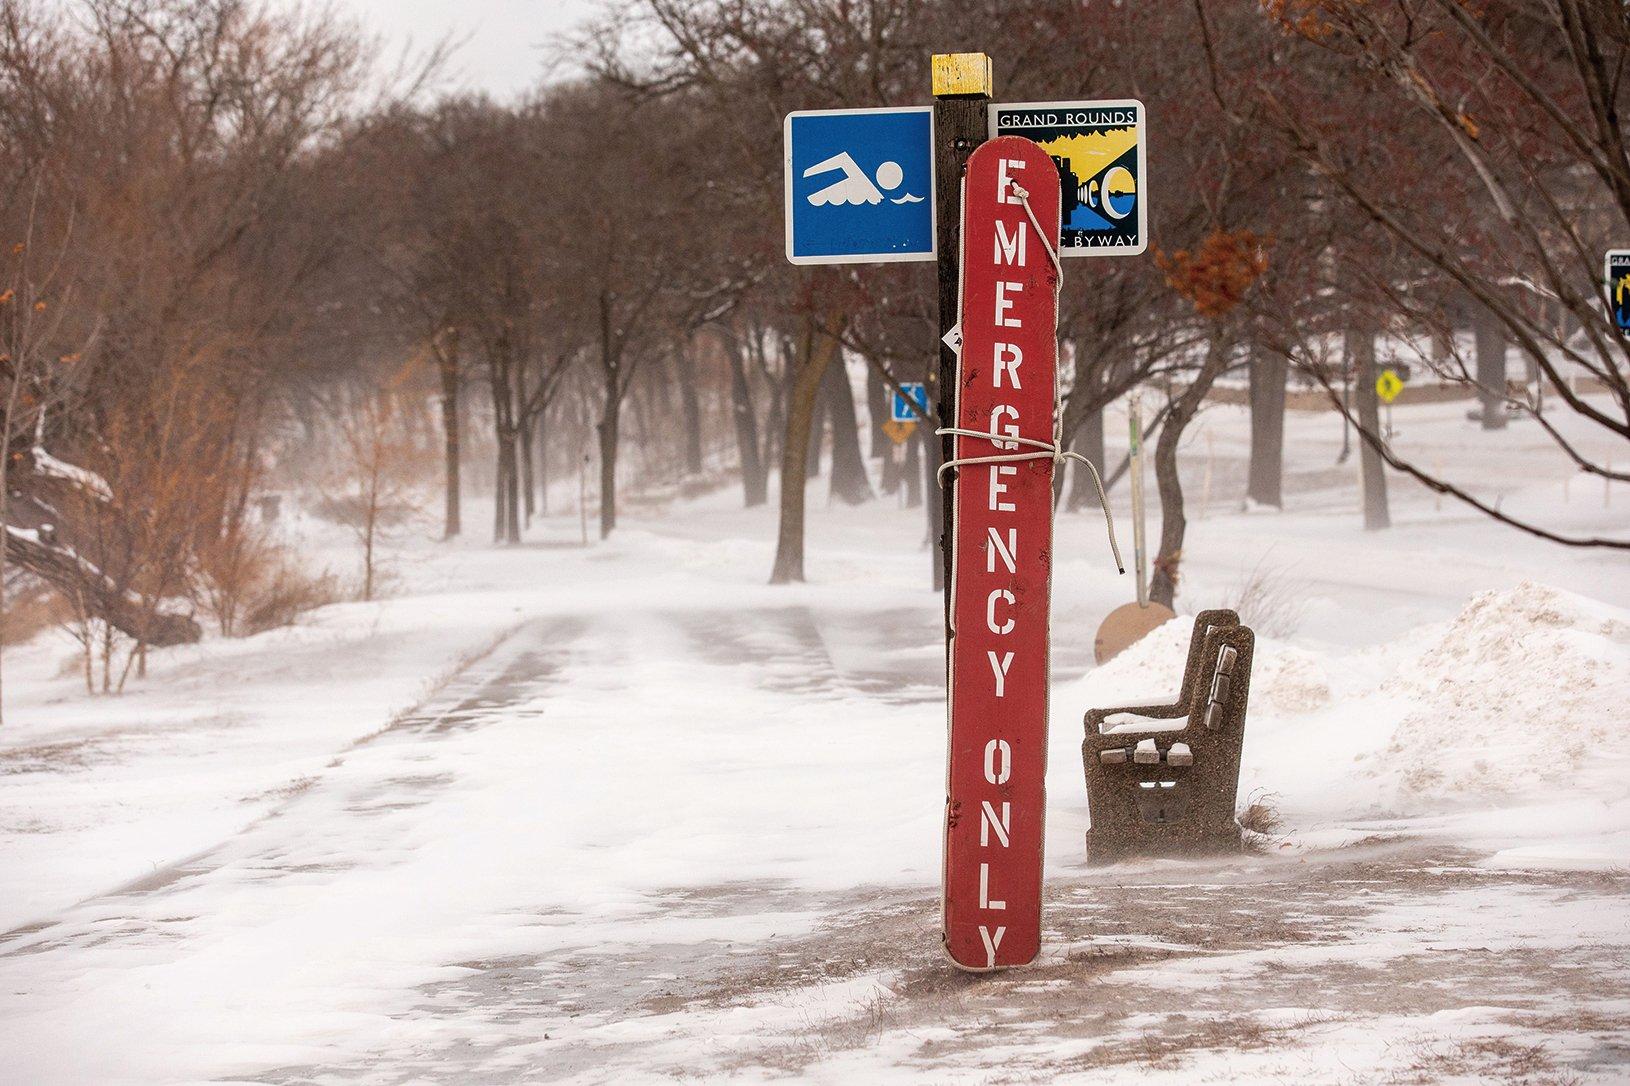 """週三(1月30日),極地漩渦侵襲美國中西部地區,多州出現冰凍天氣,多人因嚴寒死亡,一些學校關閉,數千航班取消,多州暫停郵件投遞服務。氣象預報發出罕見警告,人們在戶外一定要閉嘴不言。未來幾天,美國約有2.12億人(占美國大陸人口的72%)將遭遇冰點以下氣溫。超過8,300萬美國人(約占美國人口的25%)在週三至下週一之間的某個時間點將遭遇罕見低溫天氣。""""今日美國""""報導,本周至少有7人死於天氣寒冷的極端情況,美國有線電視新聞網(CNN)報導說,至少5人死亡。當局正在敦促人們留在室內,敦促及時照料老人和弱勢群體,專家們稱這次寒流是""""一代人中最冷的寒流""""。數千航班取消週三早上,明尼蘇達州在國際瀑布(國際瀑布)風寒效應下低溫達零下46攝氏度,明尼阿波利斯風寒效應低溫達零下47.7攝氏度,愛荷華州得  因報告了零下41攝氏度的風寒效應低溫,芝加哥風寒效應低溫達零下46攝氏度。寒流也導致整個受影響地區旅行中斷。根據FlightAware.com的數據,週二和週三有超過3, 美國(Amtrak)取消了周三和周四從芝加哥出發的所有列車。西部地區的氣溫比格陵蘭島和阿拉斯加州的氣溫更冷,也比美國南極洲考察點麥克默多站(McMurdo Station)的氣溫要低,週三那裡的低溫是零下31攝氏度。根據國家氣象局的說法,零下31攝氏度的風寒可以在5到15分鐘內凍結人類皮膚。霍士新聞高級氣象學家傑尼斯迪恩(Janice Dean)在「FOX和朋友們」節目中說,週三到週四,冷空氣將繼續覆蓋該地區,一些地區可能在一夜之間達到零下56度的風寒效應低溫。迪恩說:「中西部和五大湖區遭遇北極寒流侵襲,今天早上整個地區都面臨危險的低溫風寒。""""「對於許多人來說,氣溫遠低於零度,風寒效應低溫在零下28華氏度至零下56華氏度之間, 持續到週四早些時候,低溫在創下有史以來新低。""""你真的不能在外面待上超過幾分鐘,因為你的臉會在這種溫度下被凍結。""""她補充道。氣象警告:在戶外最好閉嘴此次嚴寒已經導致至少5人死亡。愛荷華州的預報警告人們,中西部遭遇嚴寒,在戶外要閉嘴,如果計劃外出,要確保包裹住身上任何皮膚,並確保他們的汽車有供應。預報警告說:「此外,確保你在戶外閉嘴,以保護你的肺部免受嚴重冷空氣侵襲。""""""""避免深呼吸;盡量減少說話。""""國家氣象局得梅因辦事處在週二的預測討論中表示,北極寒流將成為「我們許多人將經歷過的最寒冷天氣」。該機構表示,「這些都是創紀錄的寒冷溫度,在愛荷華州21世紀沒有出現的風寒低溫數值。""""週三,伊利諾伊州,威斯康辛州和密歇根州的州長宣布緊急情況,北達科他州和賓夕凡尼亞州數百  所公立學校和幾所大學取消了課程。◇"""